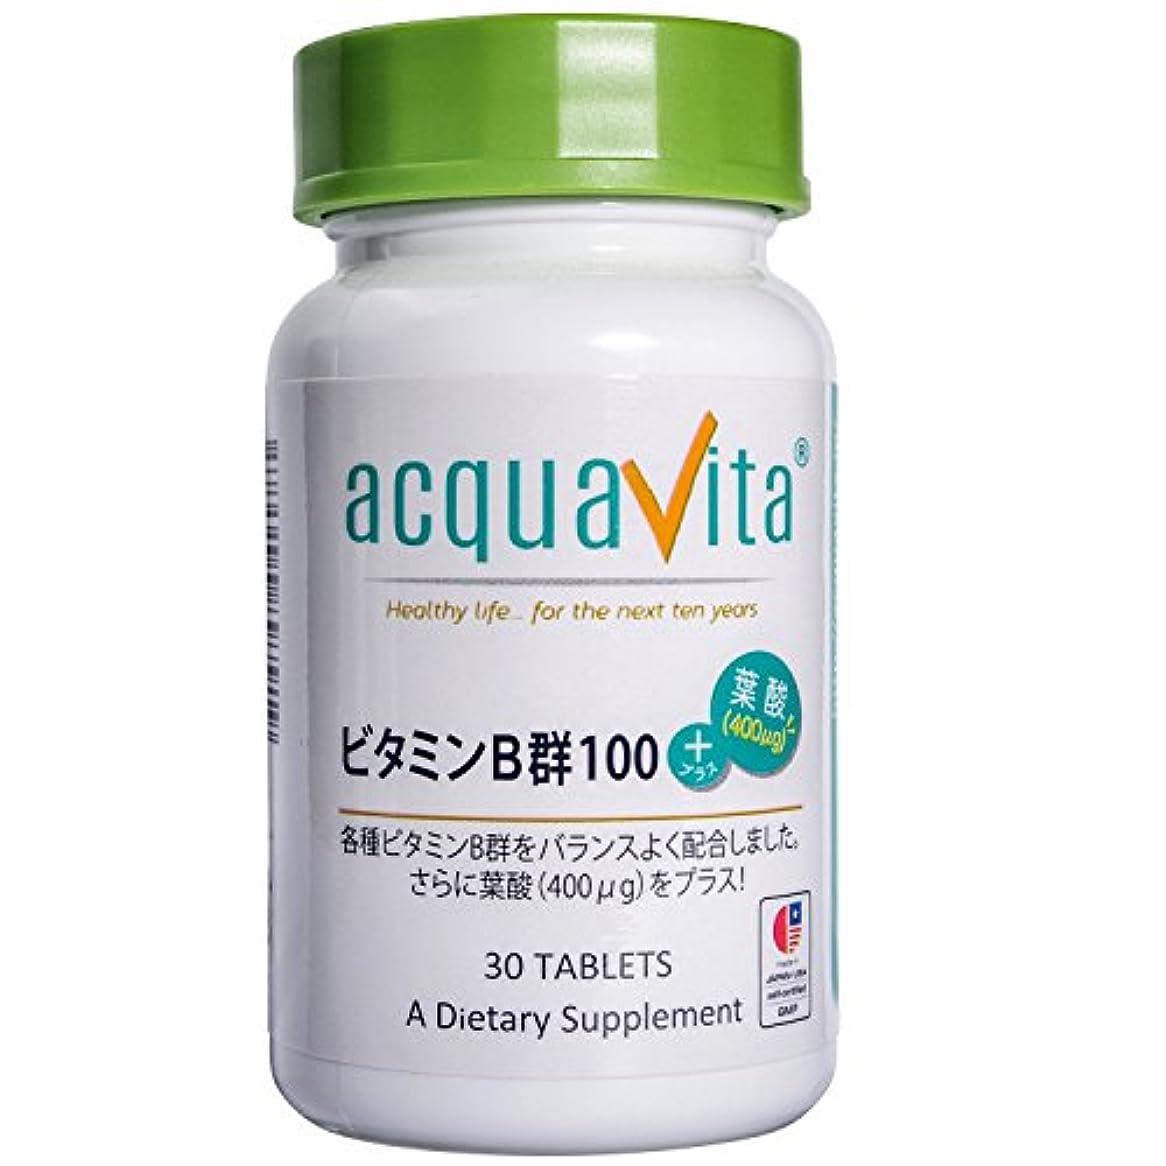 発表エンドテーブルあいにくacquavita(アクアヴィータ) ビタミンB群100+葉酸(400μg) 30粒